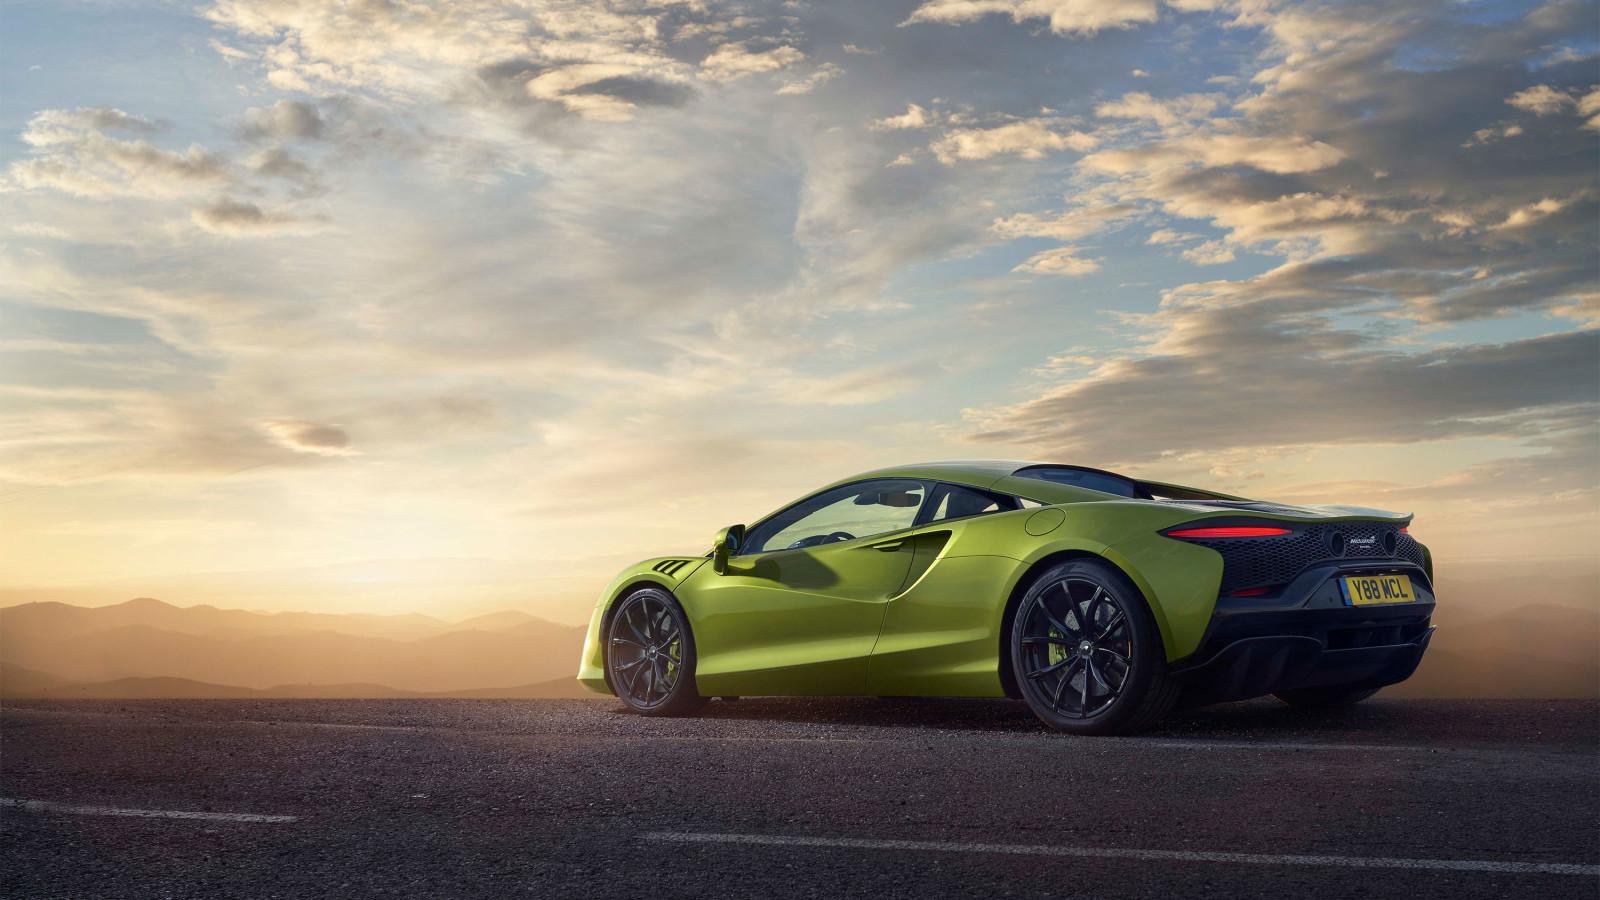 McLaren stellt mit dem Artura erstmals einen Plug-in-Hybrid vor.